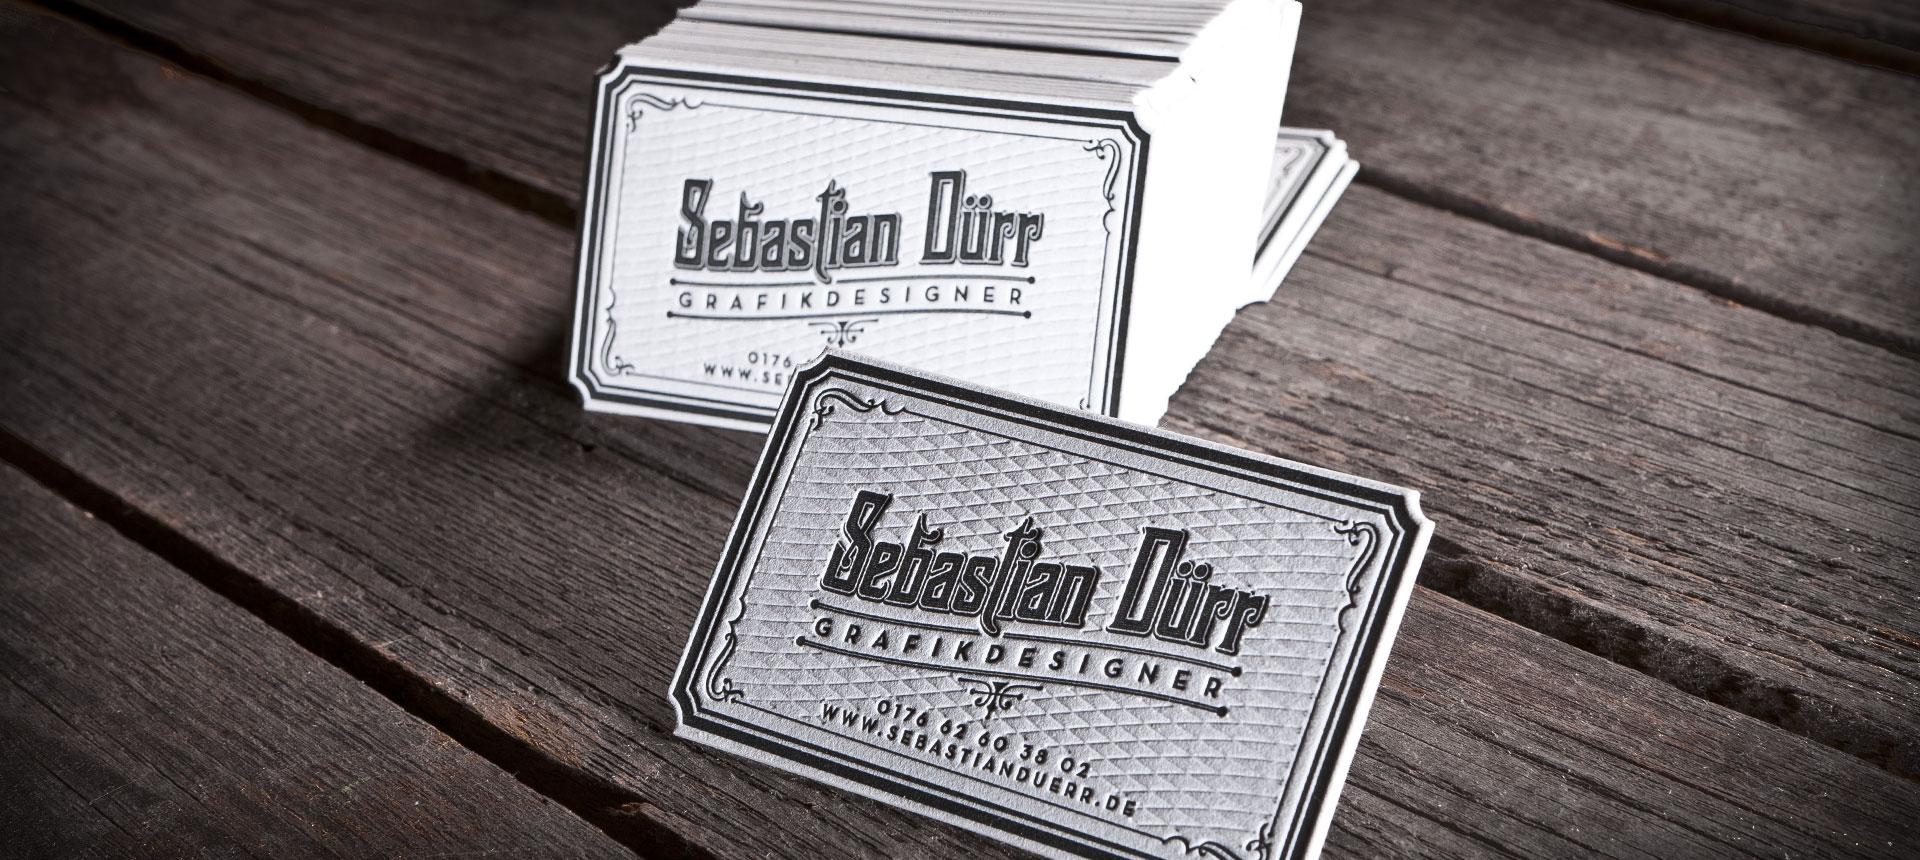 Letterpress: Sebastian Duerr